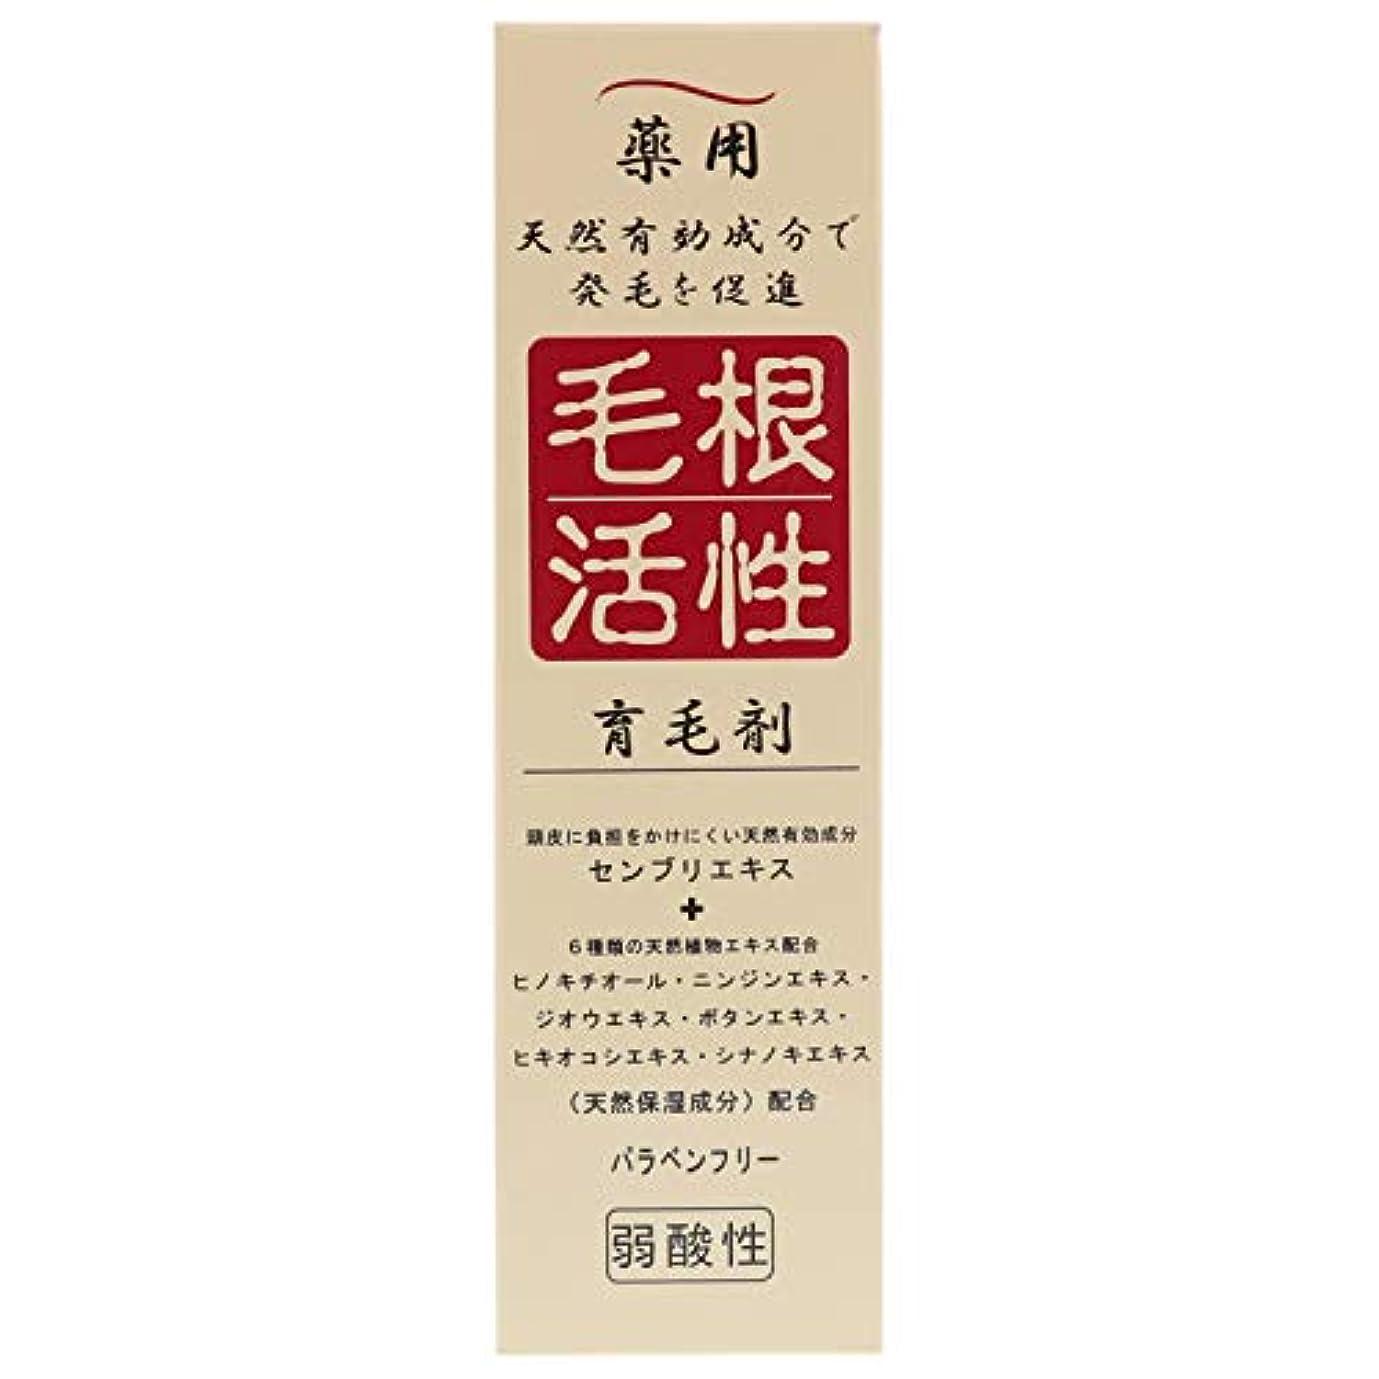 濃度トピックオレンジ薬用毛根活性育毛剤 150ml